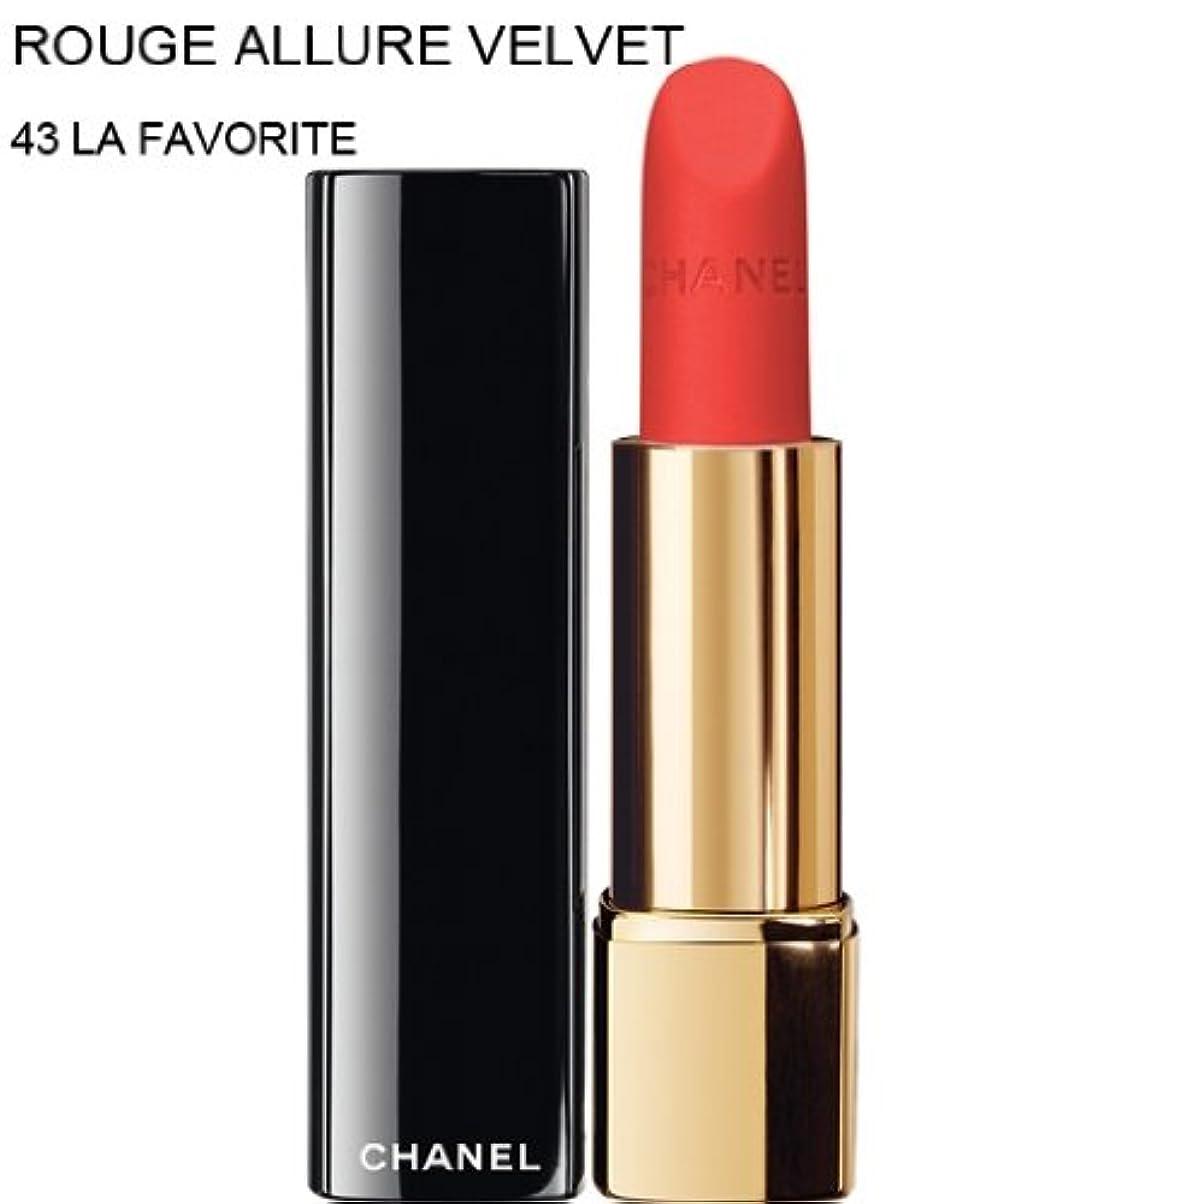 路地ペレット戦術CHANEL-Lipstick ROUGE ALLURE VELVET (43 LA FAVORITE) (parallel imported item 並行輸入品)